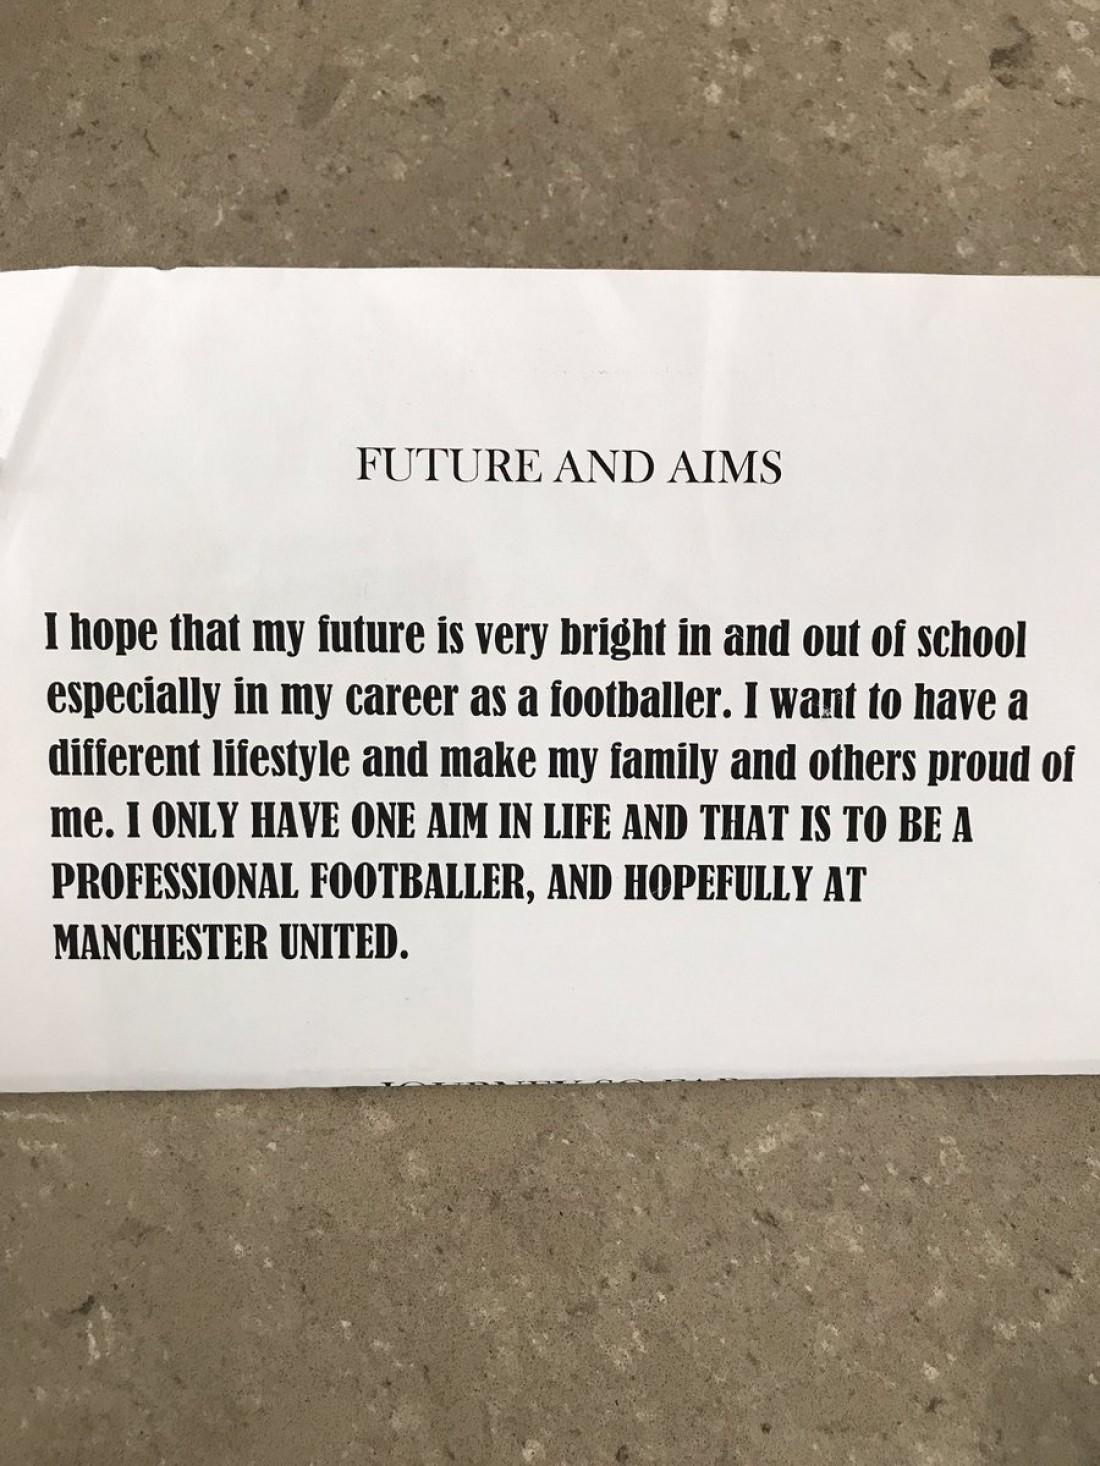 Рашфорд мечтал играть в Манчестер Юнайтед